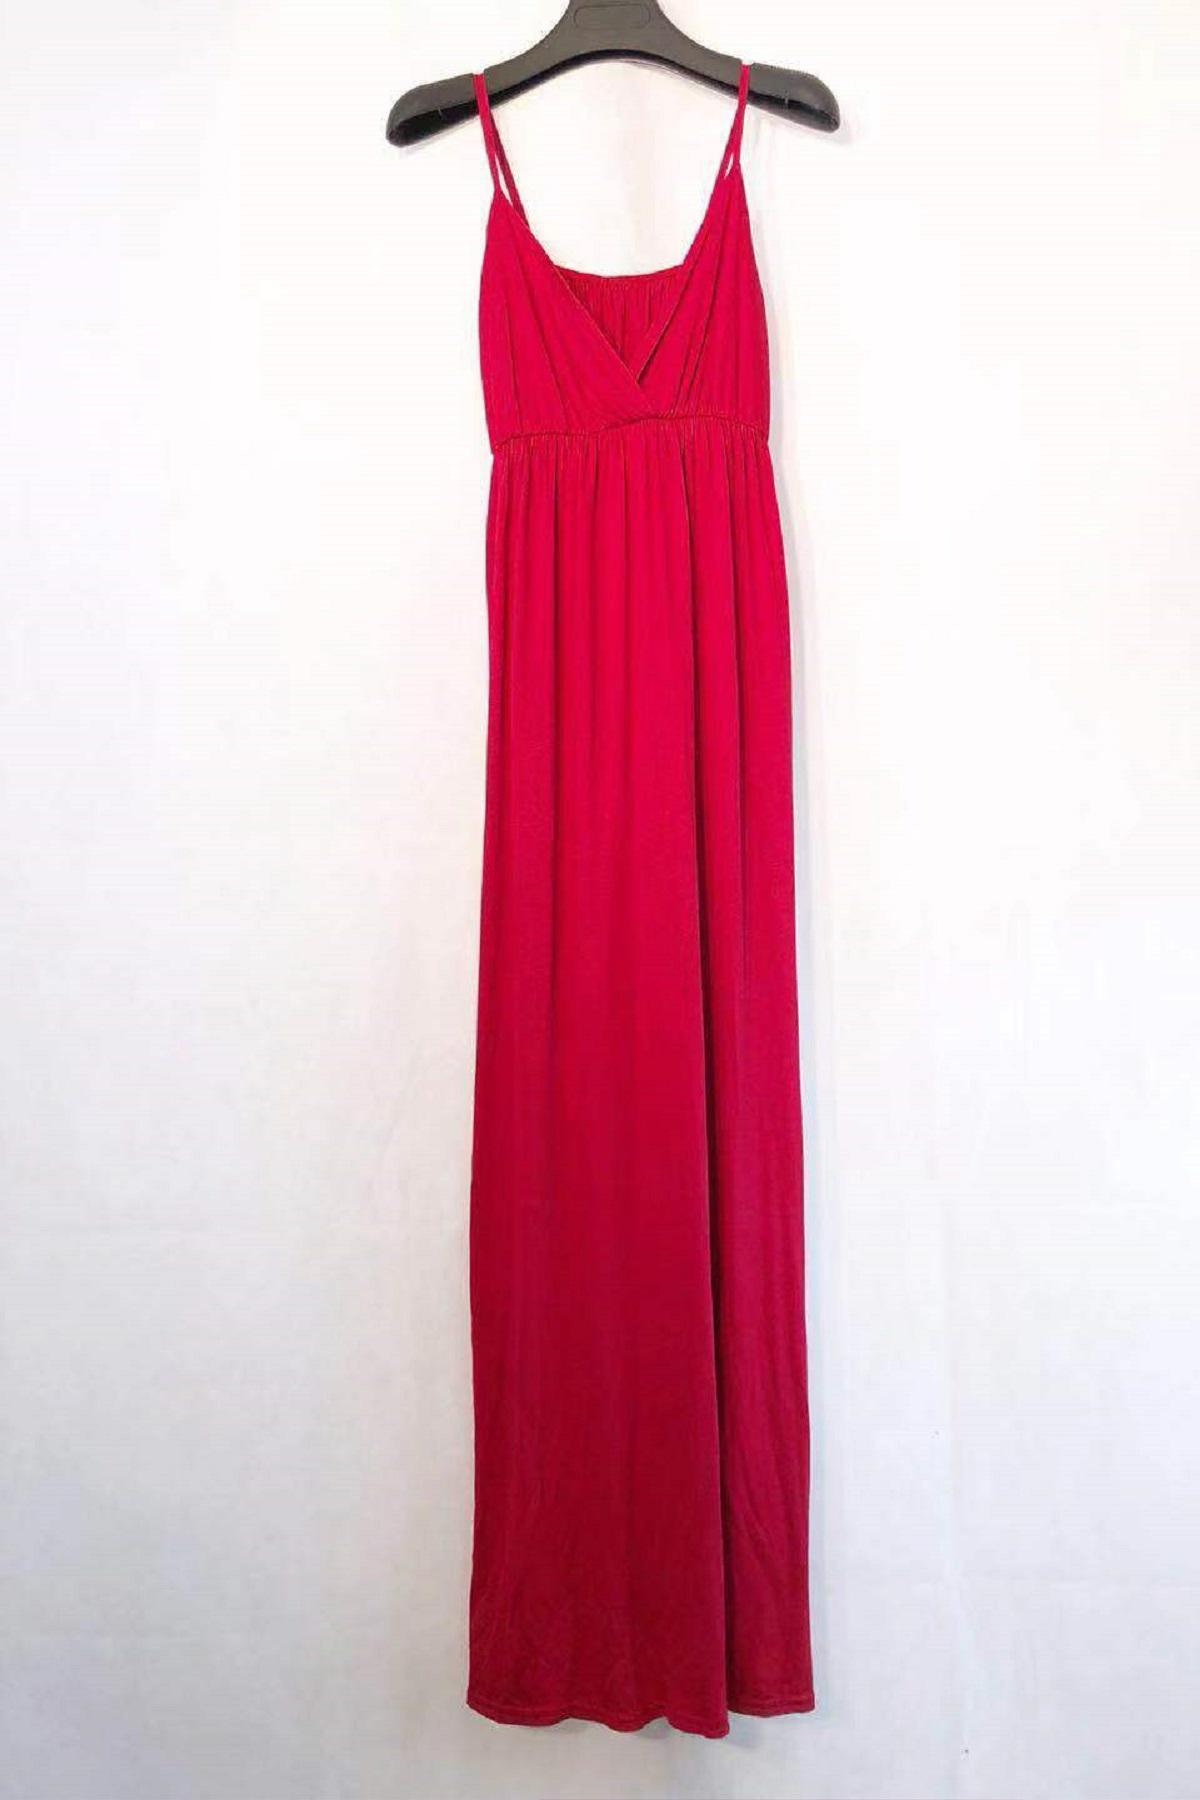 Robes longues Femme Couleurs mélangées imod R009 #c eFashion Paris